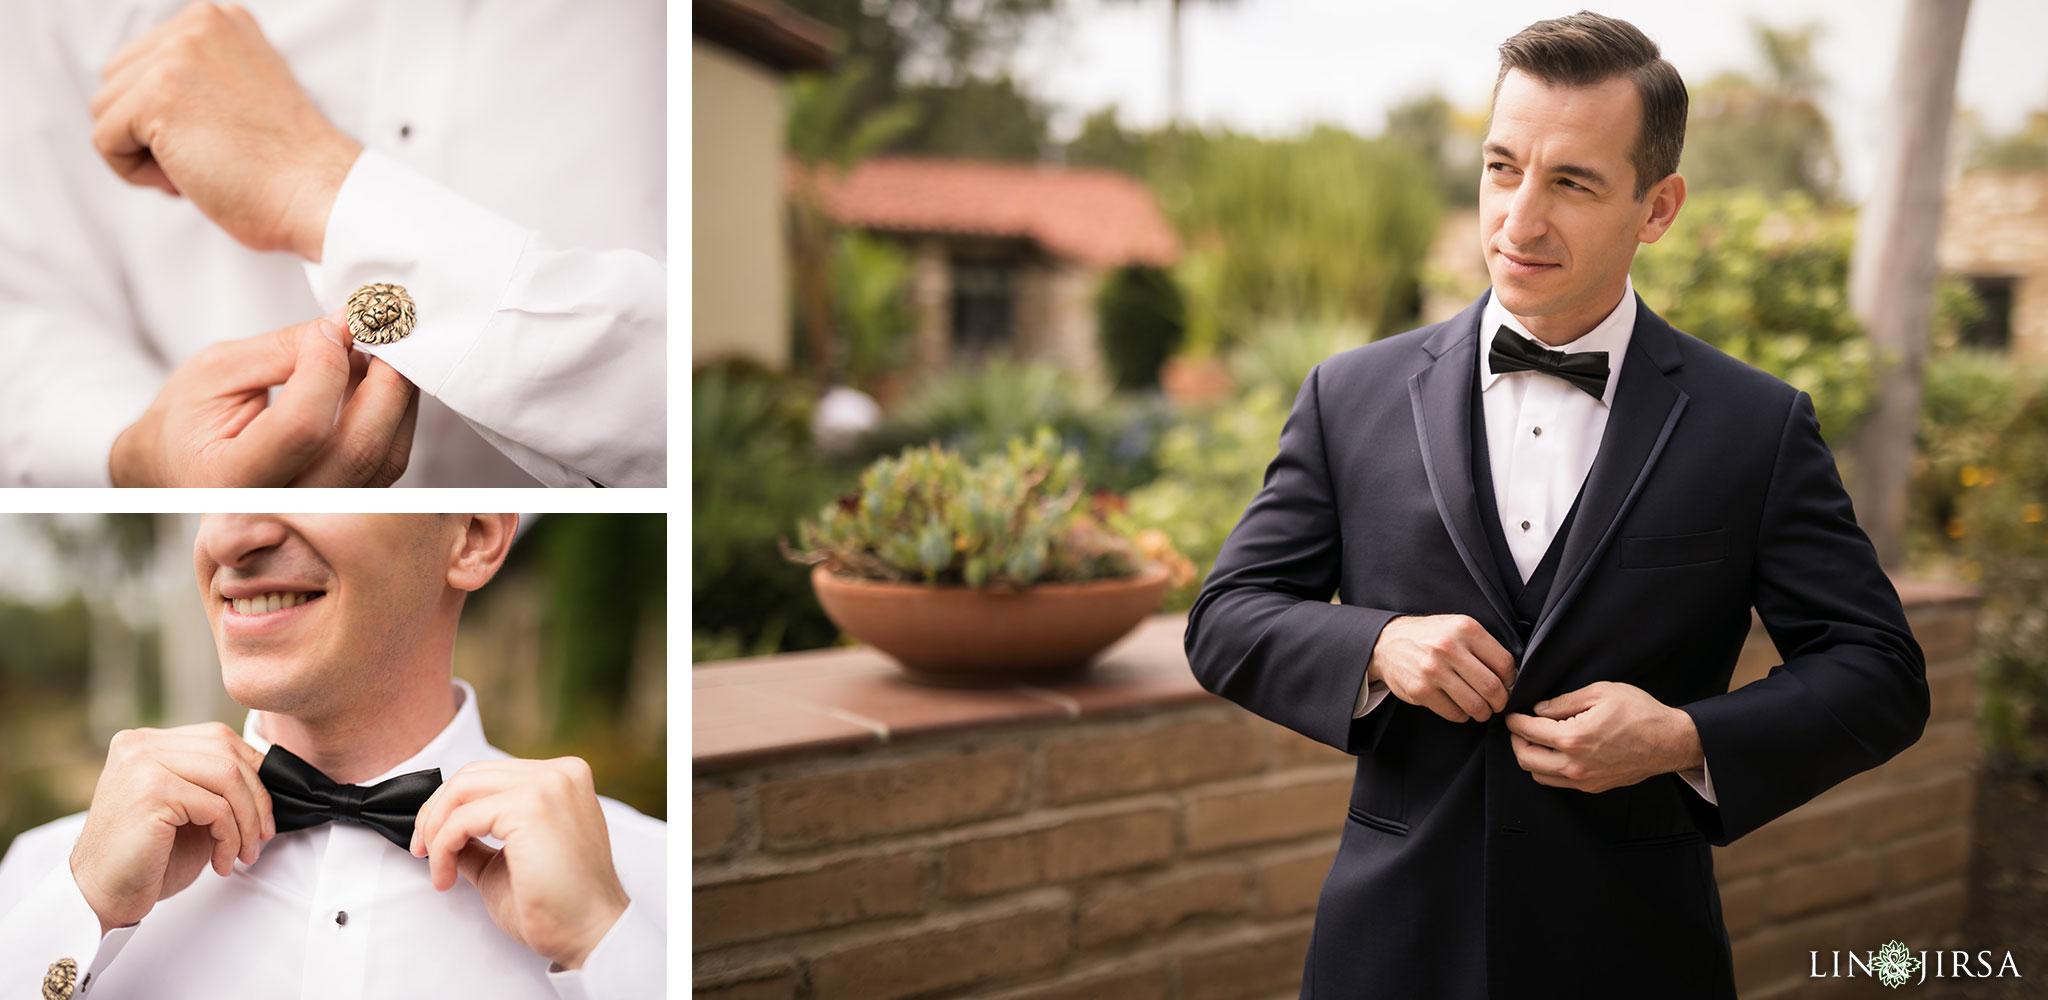 09 estancia la jolla hotel and spa groom wedding photography